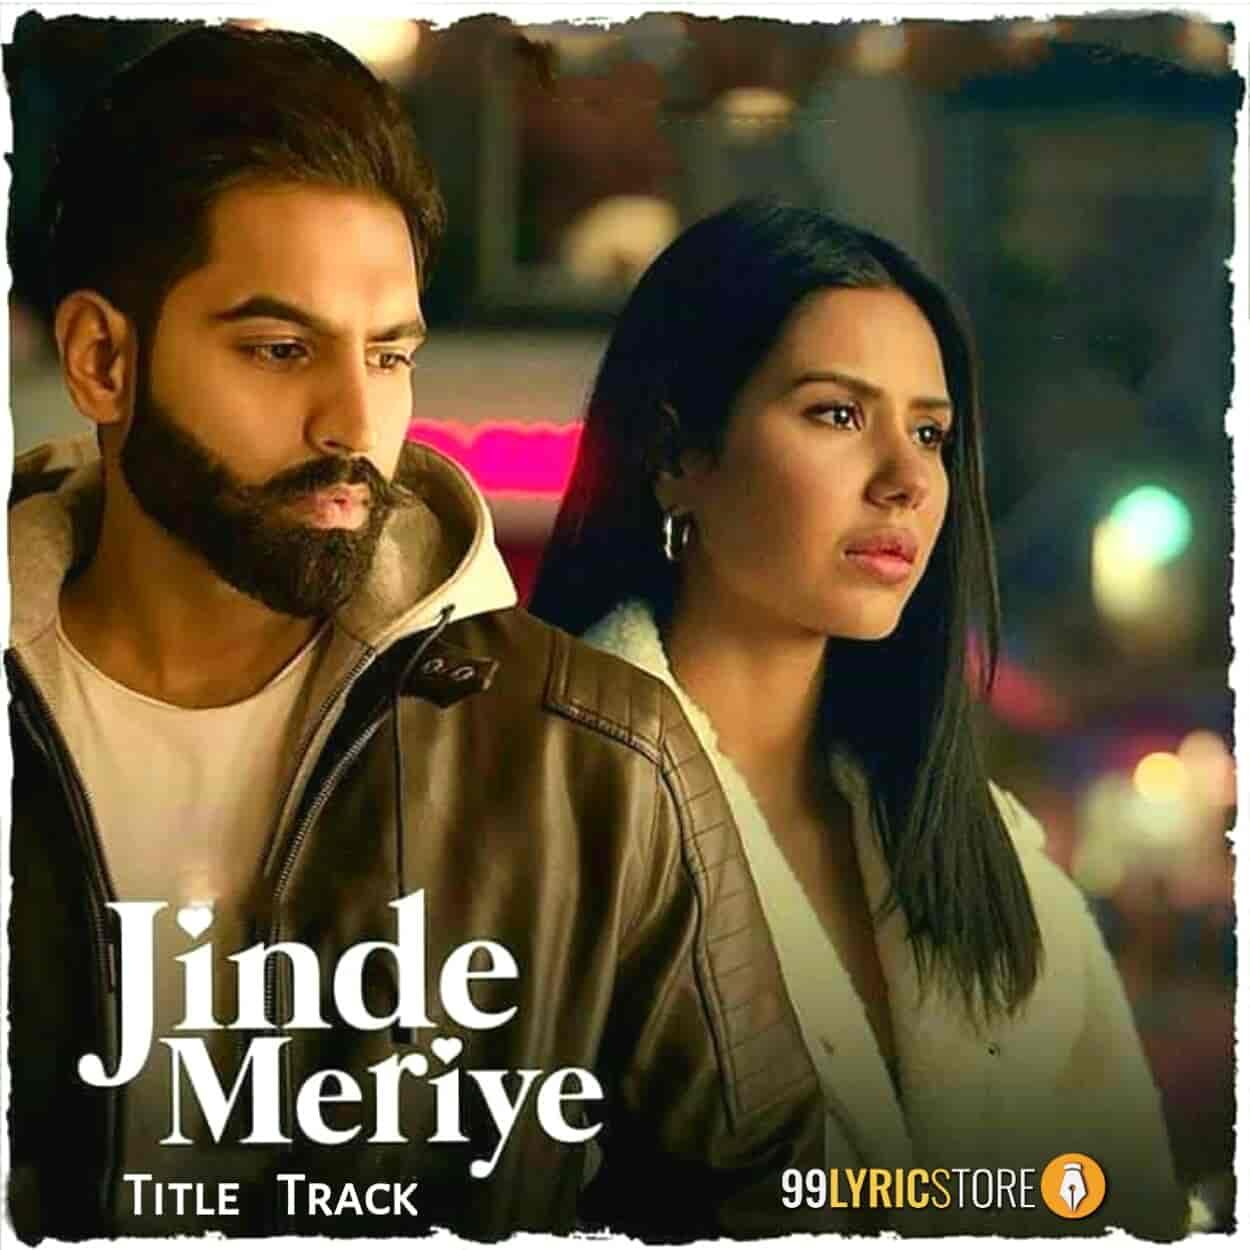 Jinde Meriye Title Track Lyrics From Movie Jinde Meriye